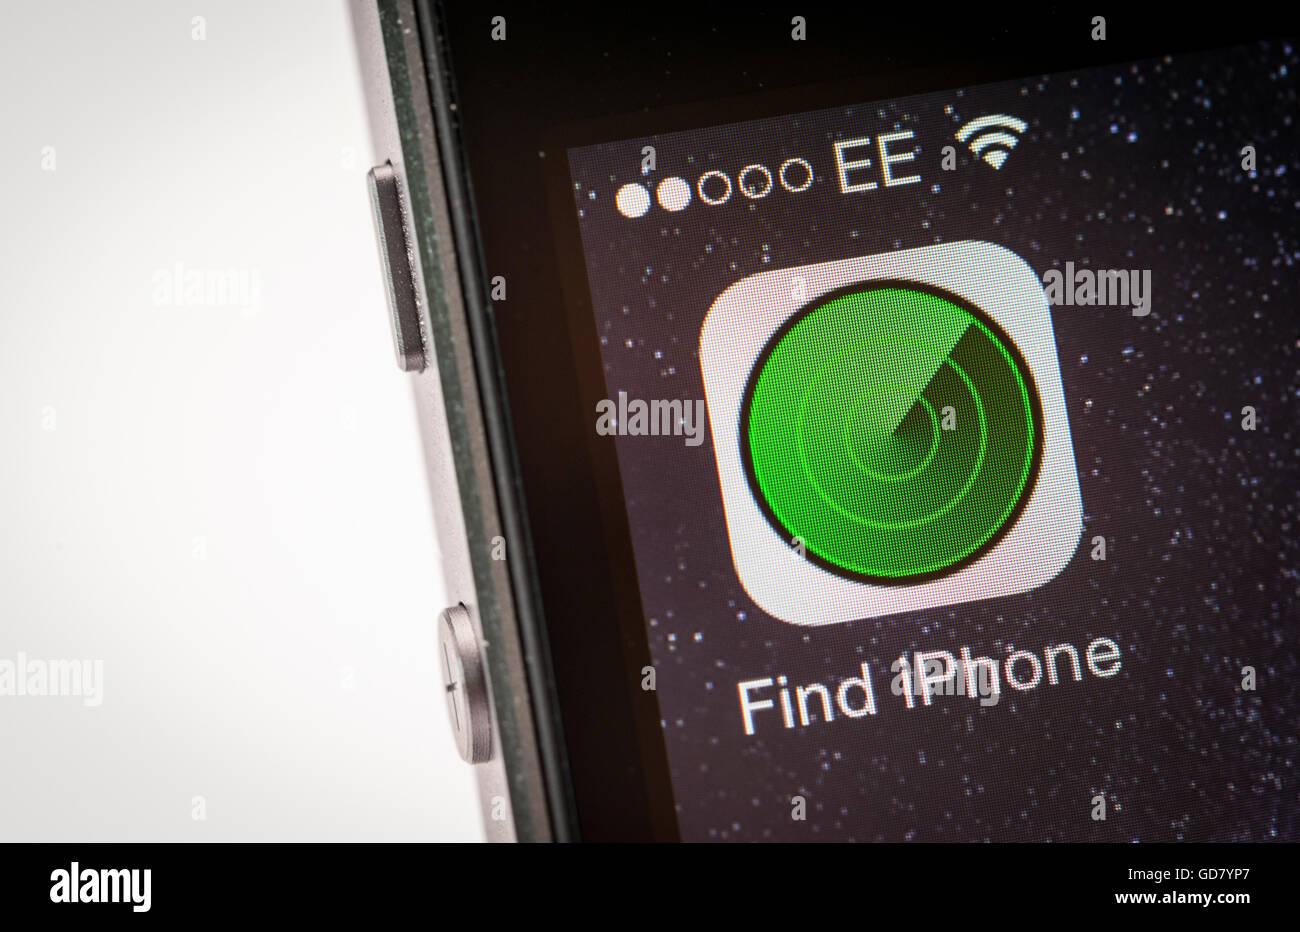 Encontrar iPhone App en un teléfono inteligente iPhone Imagen De Stock